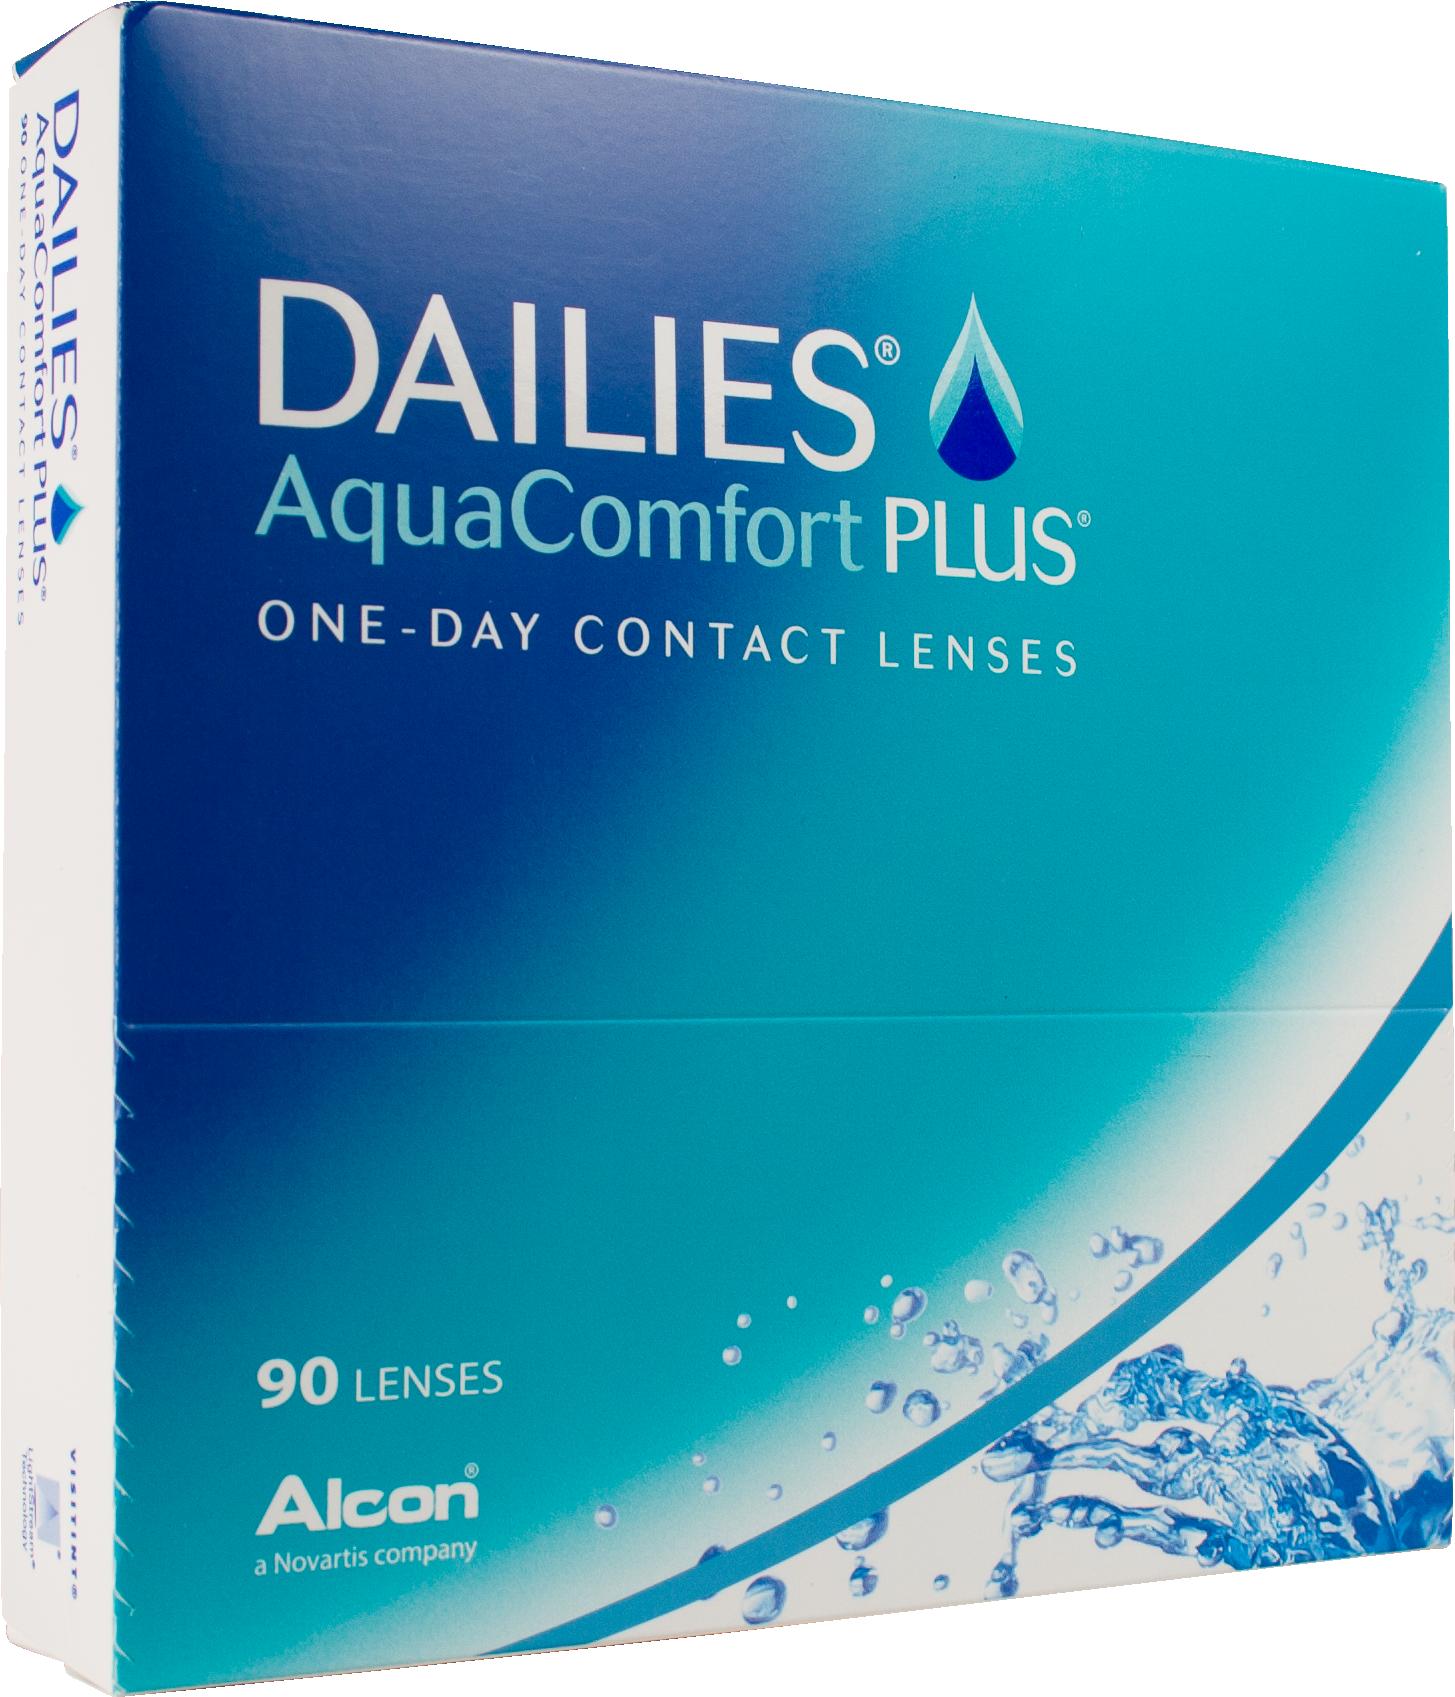 toric lenses comforter per dailies co contact aquacomfort comfort daily uk plus box aqua eopticians pcs